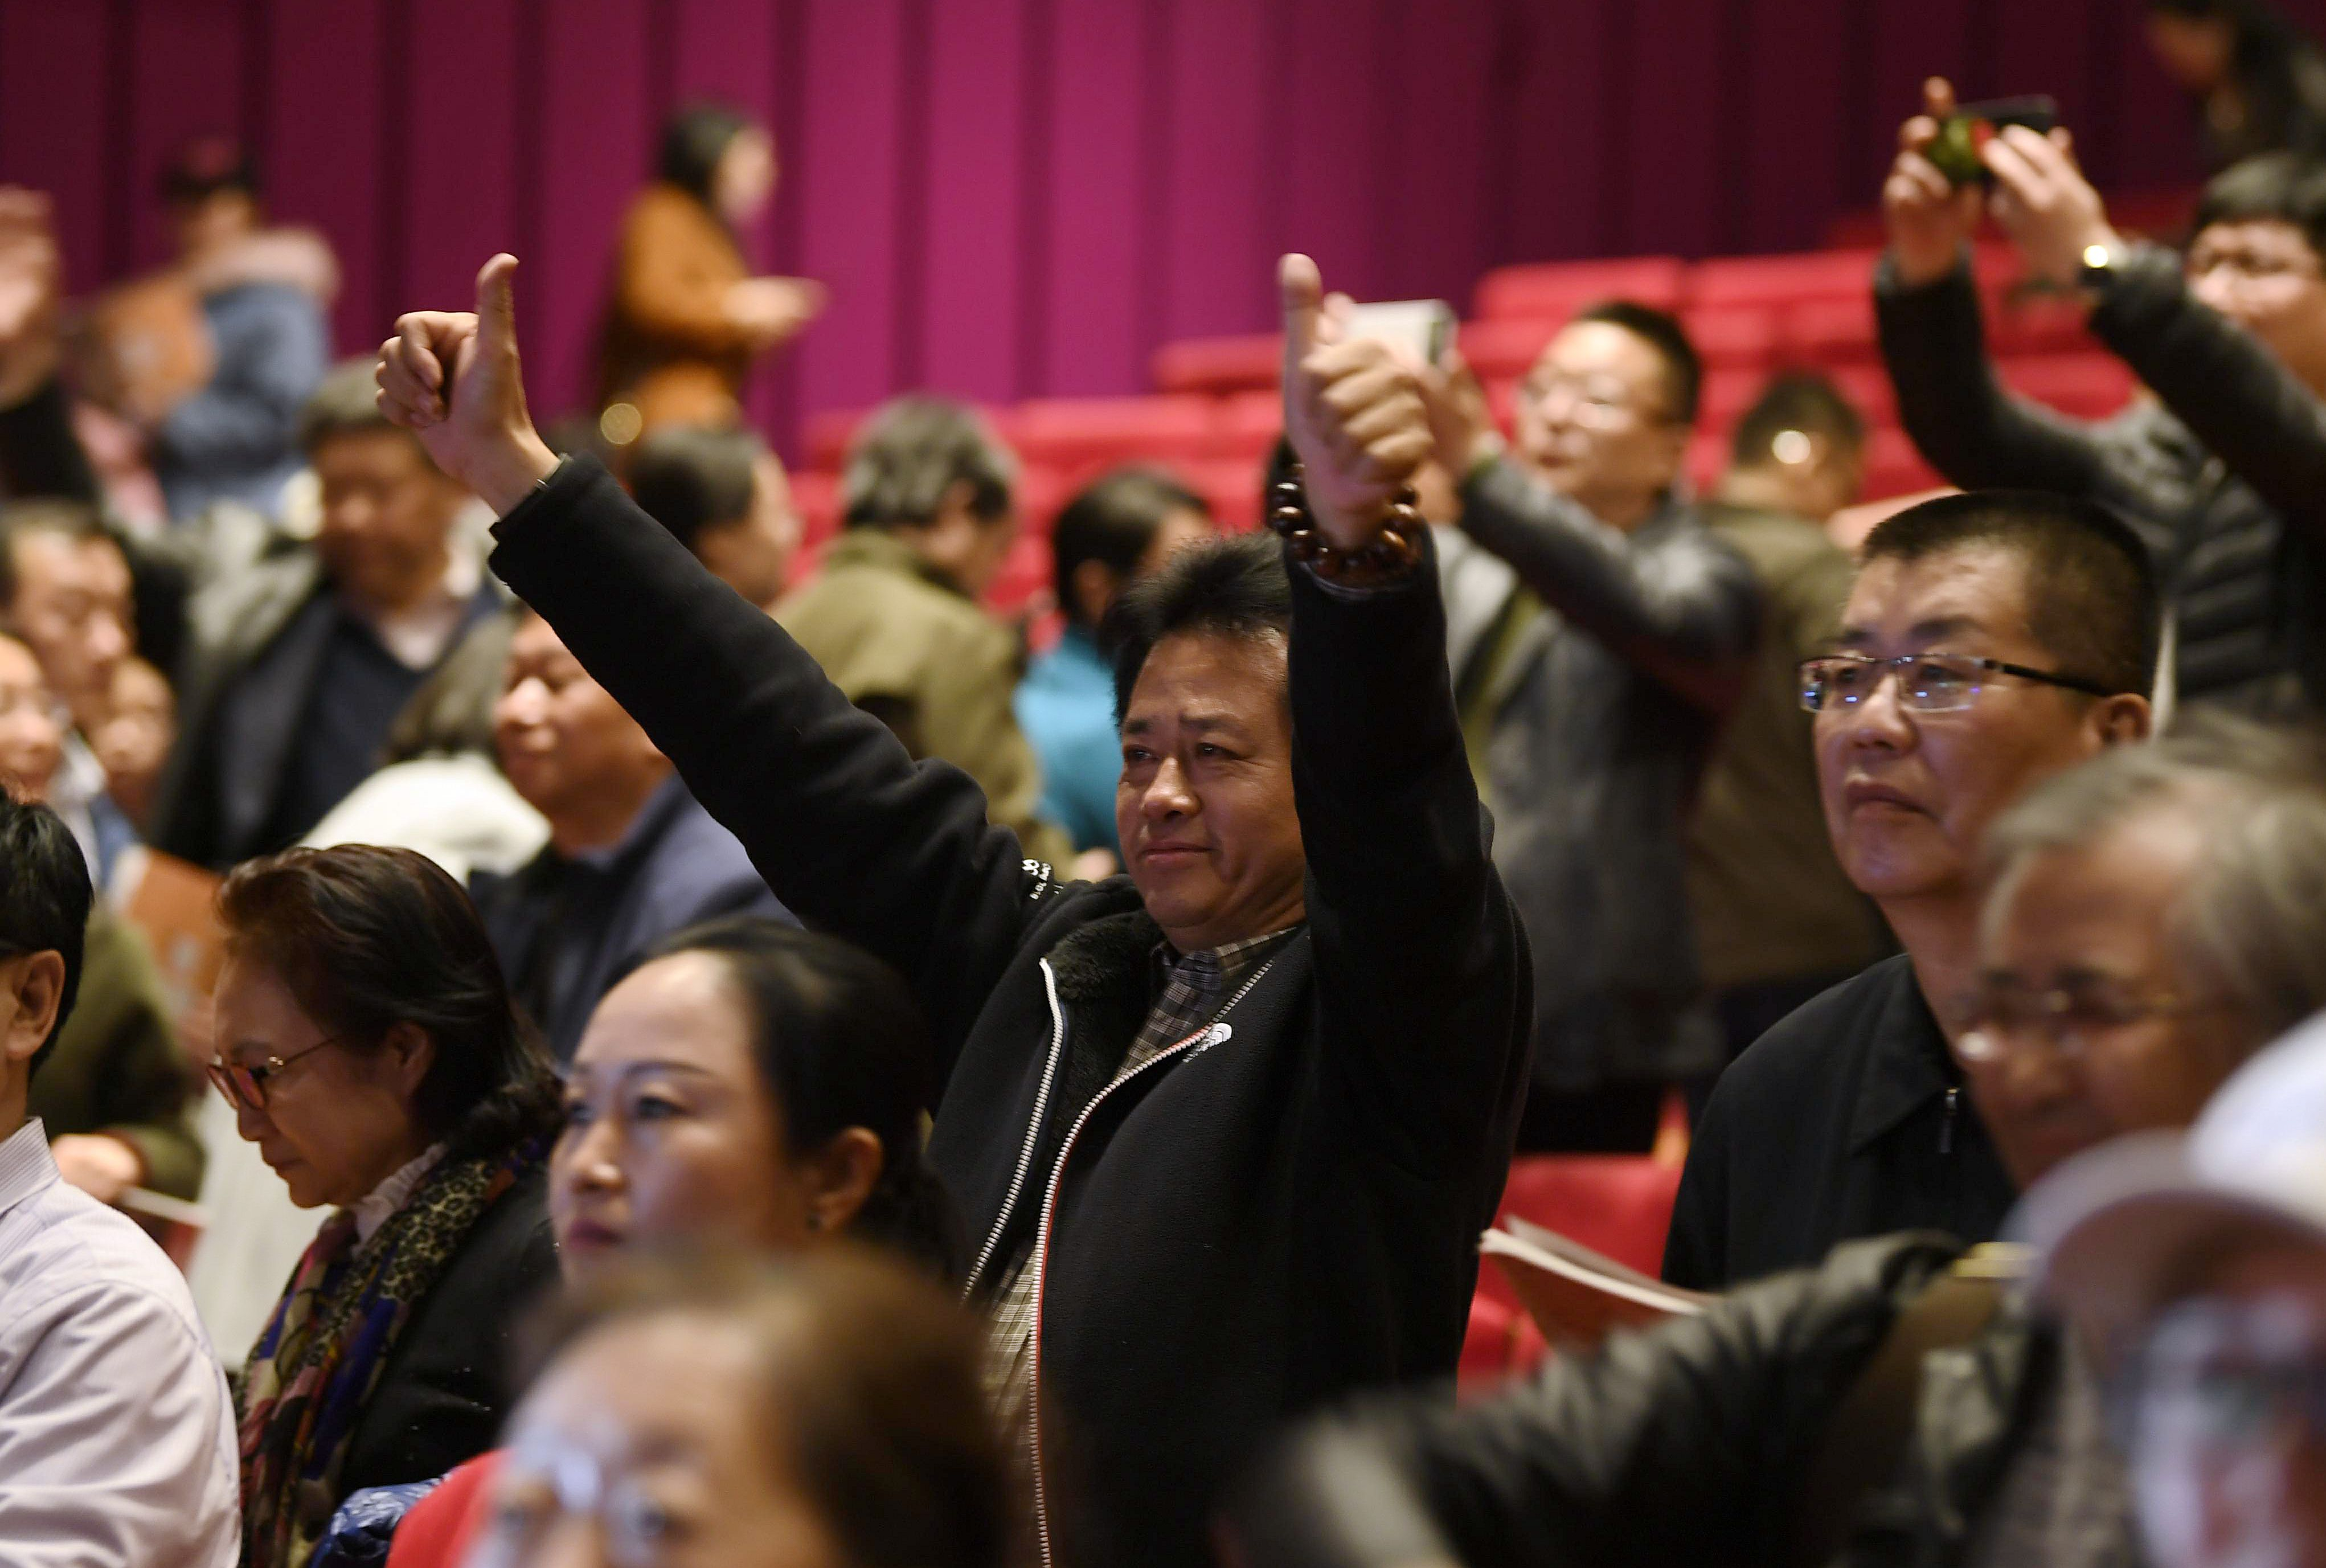 组图:看哭了!《沂蒙山》京城震撼首演,谢幕后观众含泪不离场